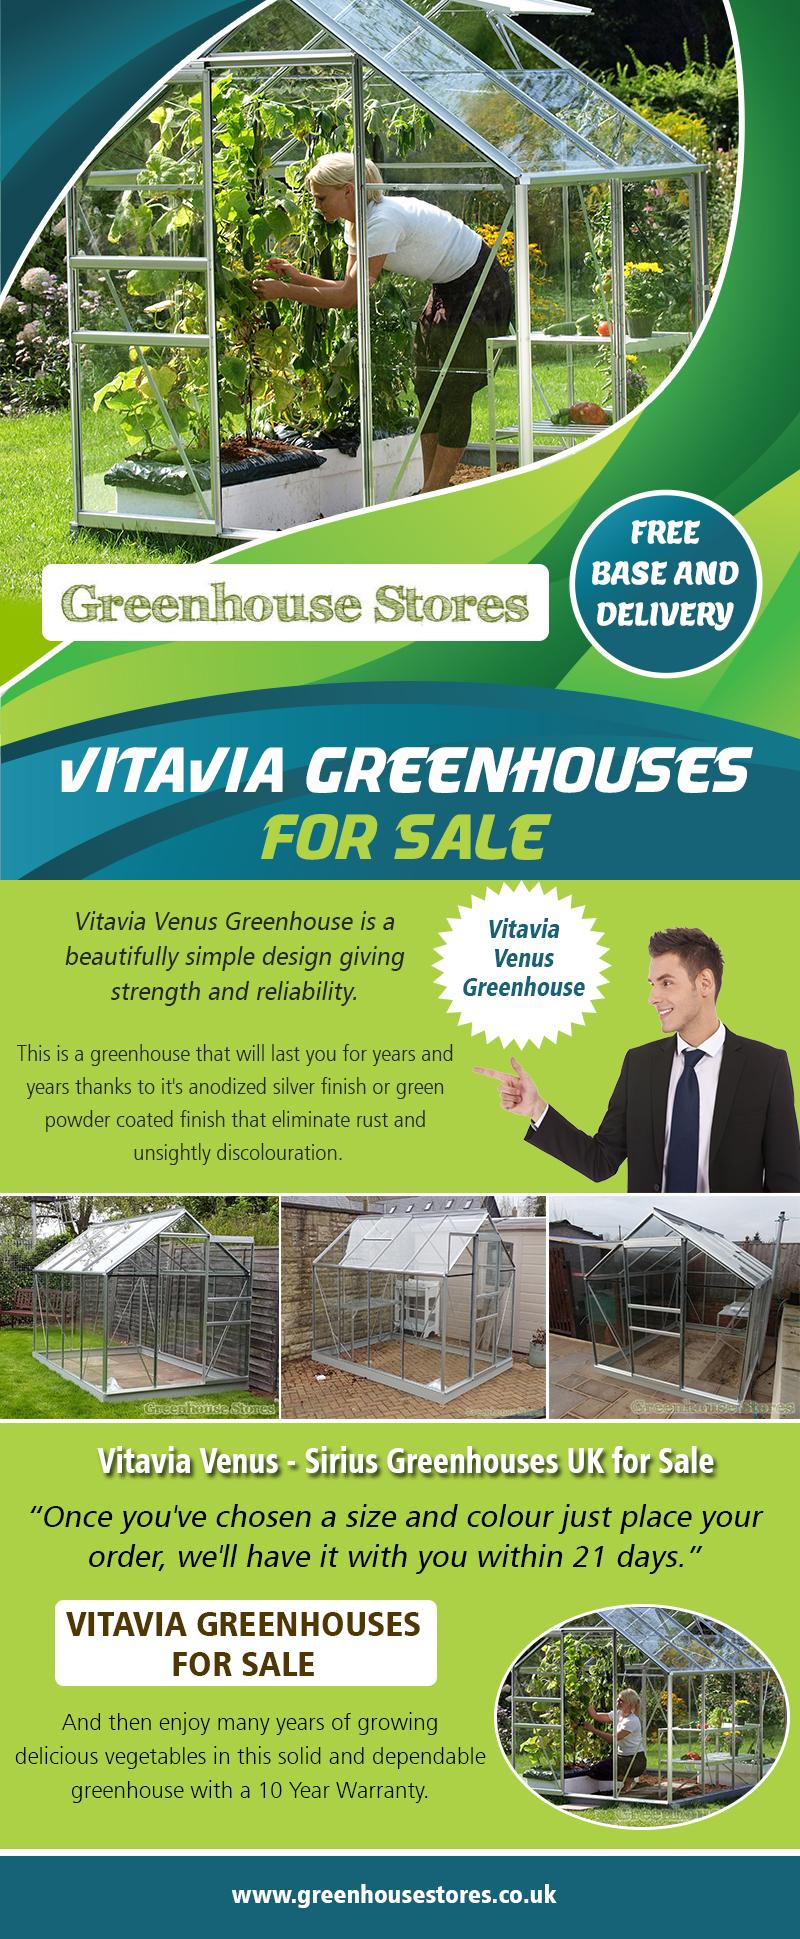 Vitavia Greenhouses for Sale